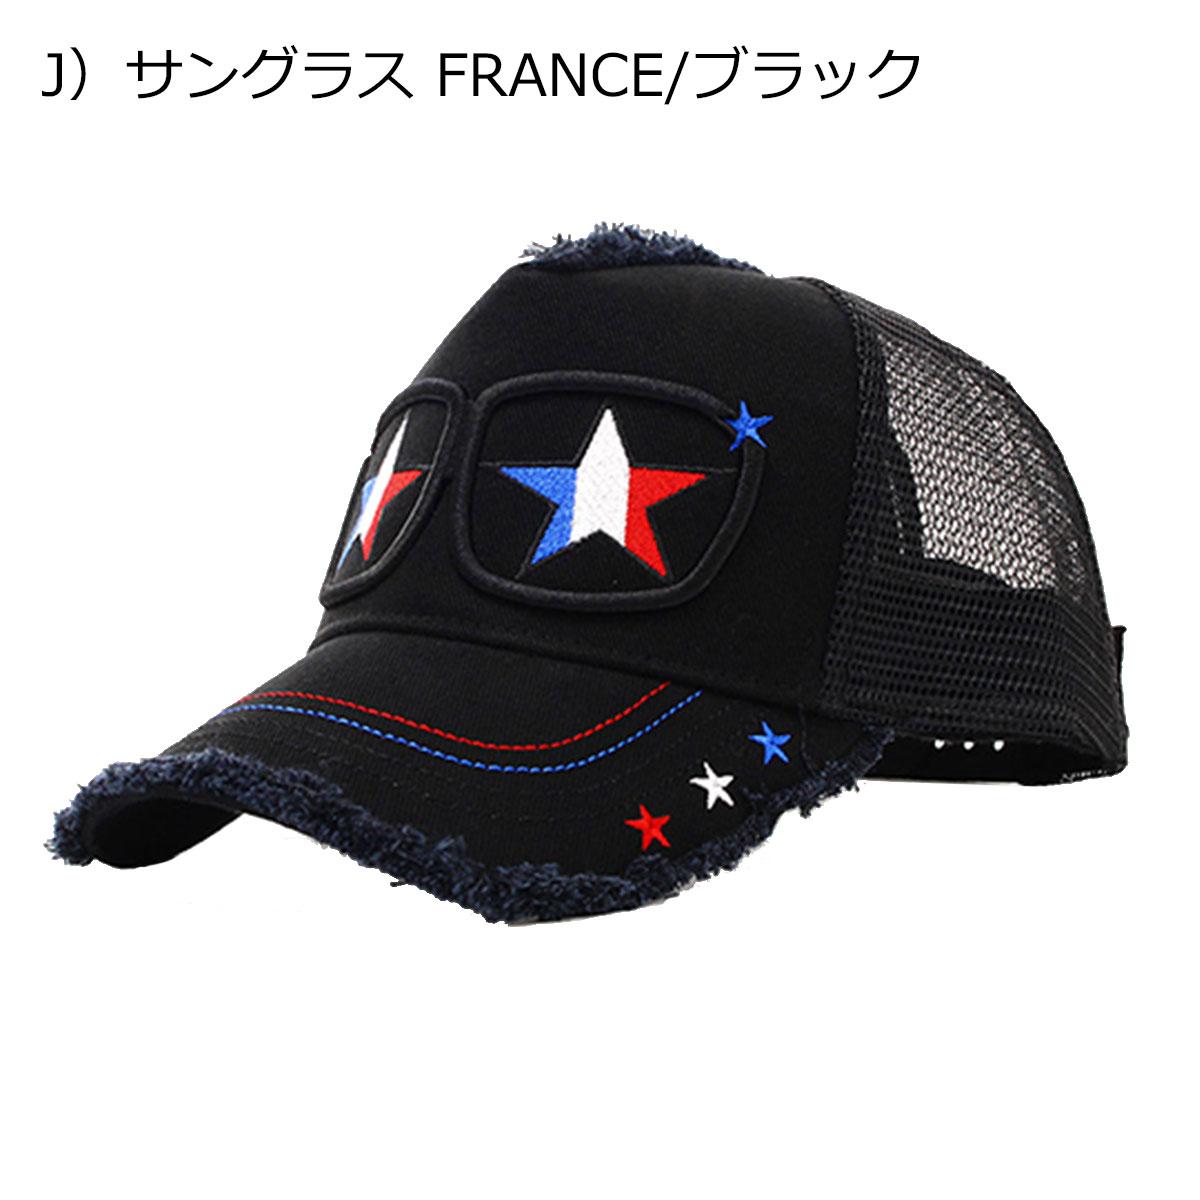 J)サングラス FRANCE/ブラック